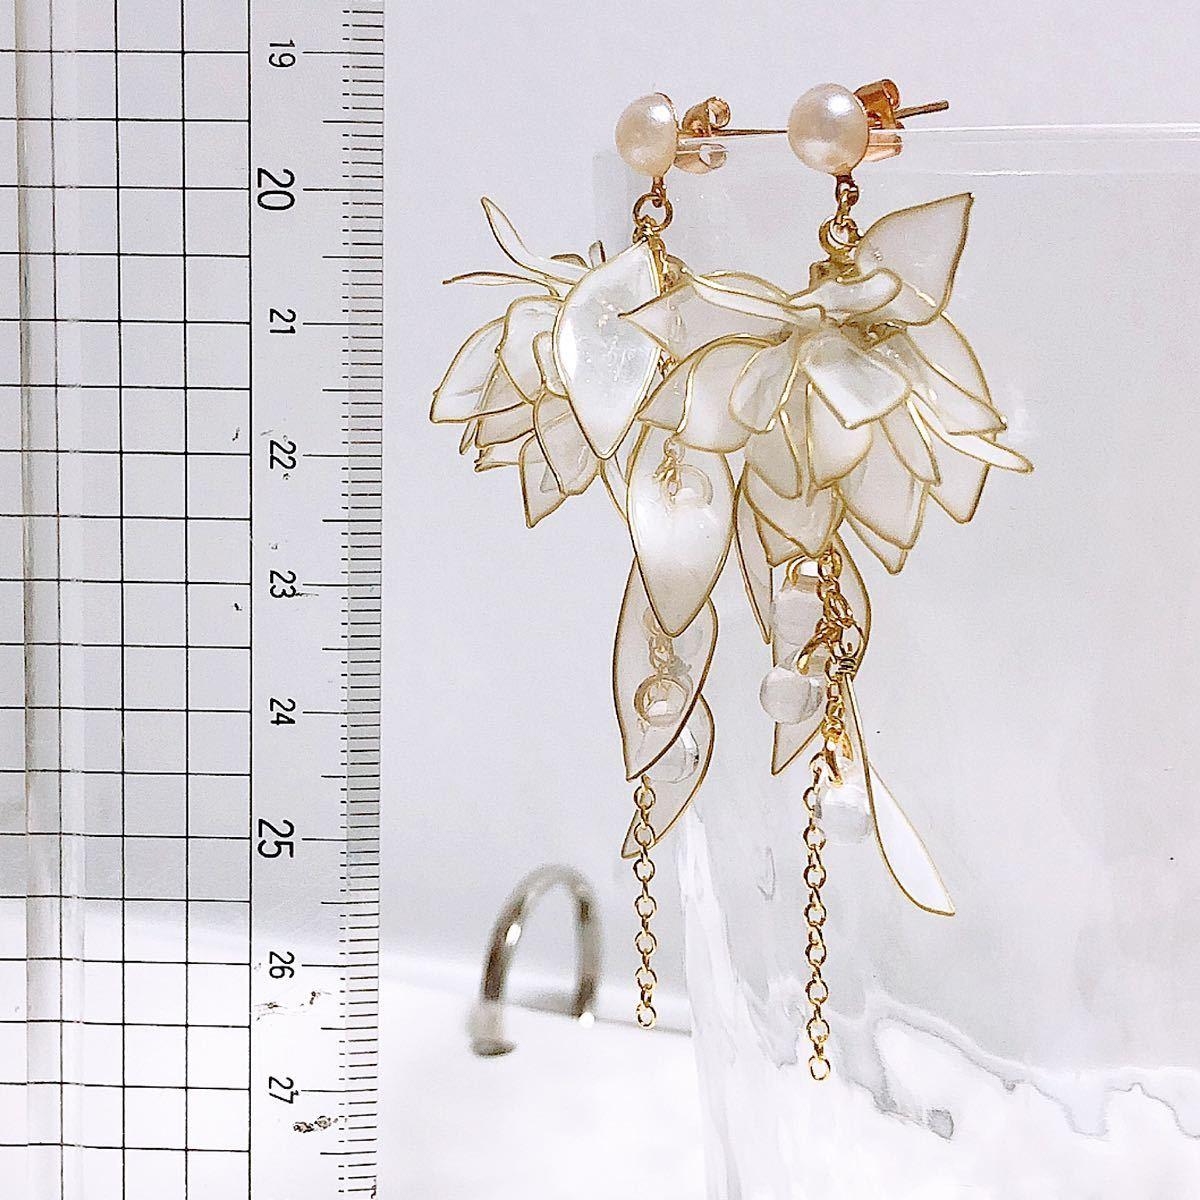 舞い散る花びら ピアス/イヤリング ディップアート アメリカンフラワー お花 透明感 結婚式 ブライダル ウェディング 白_画像5